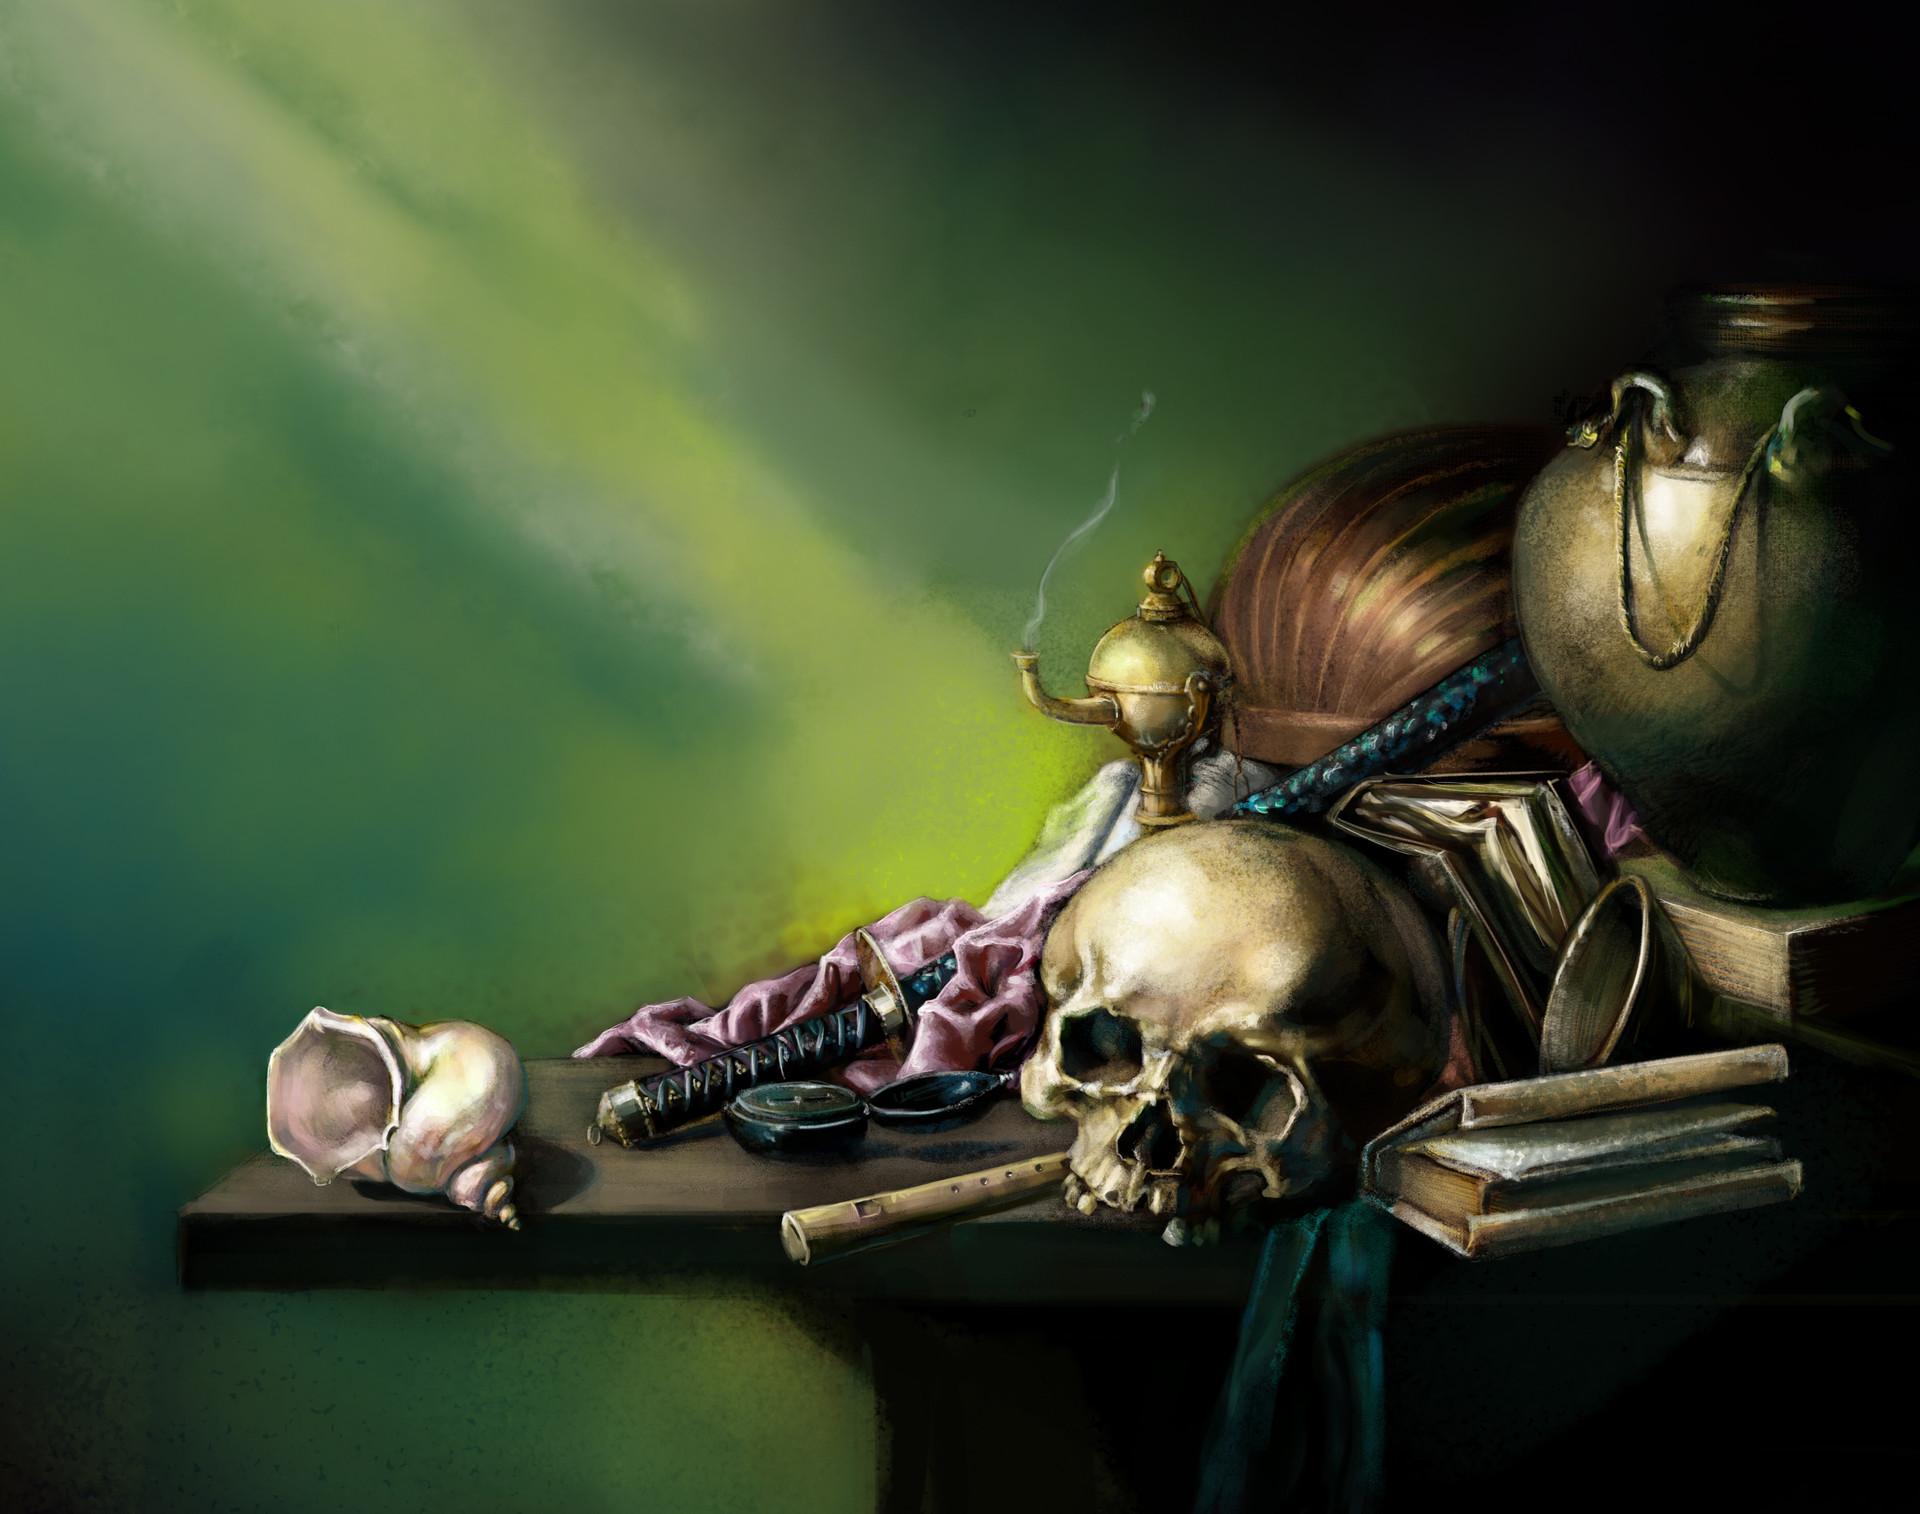 Bighead pei skull